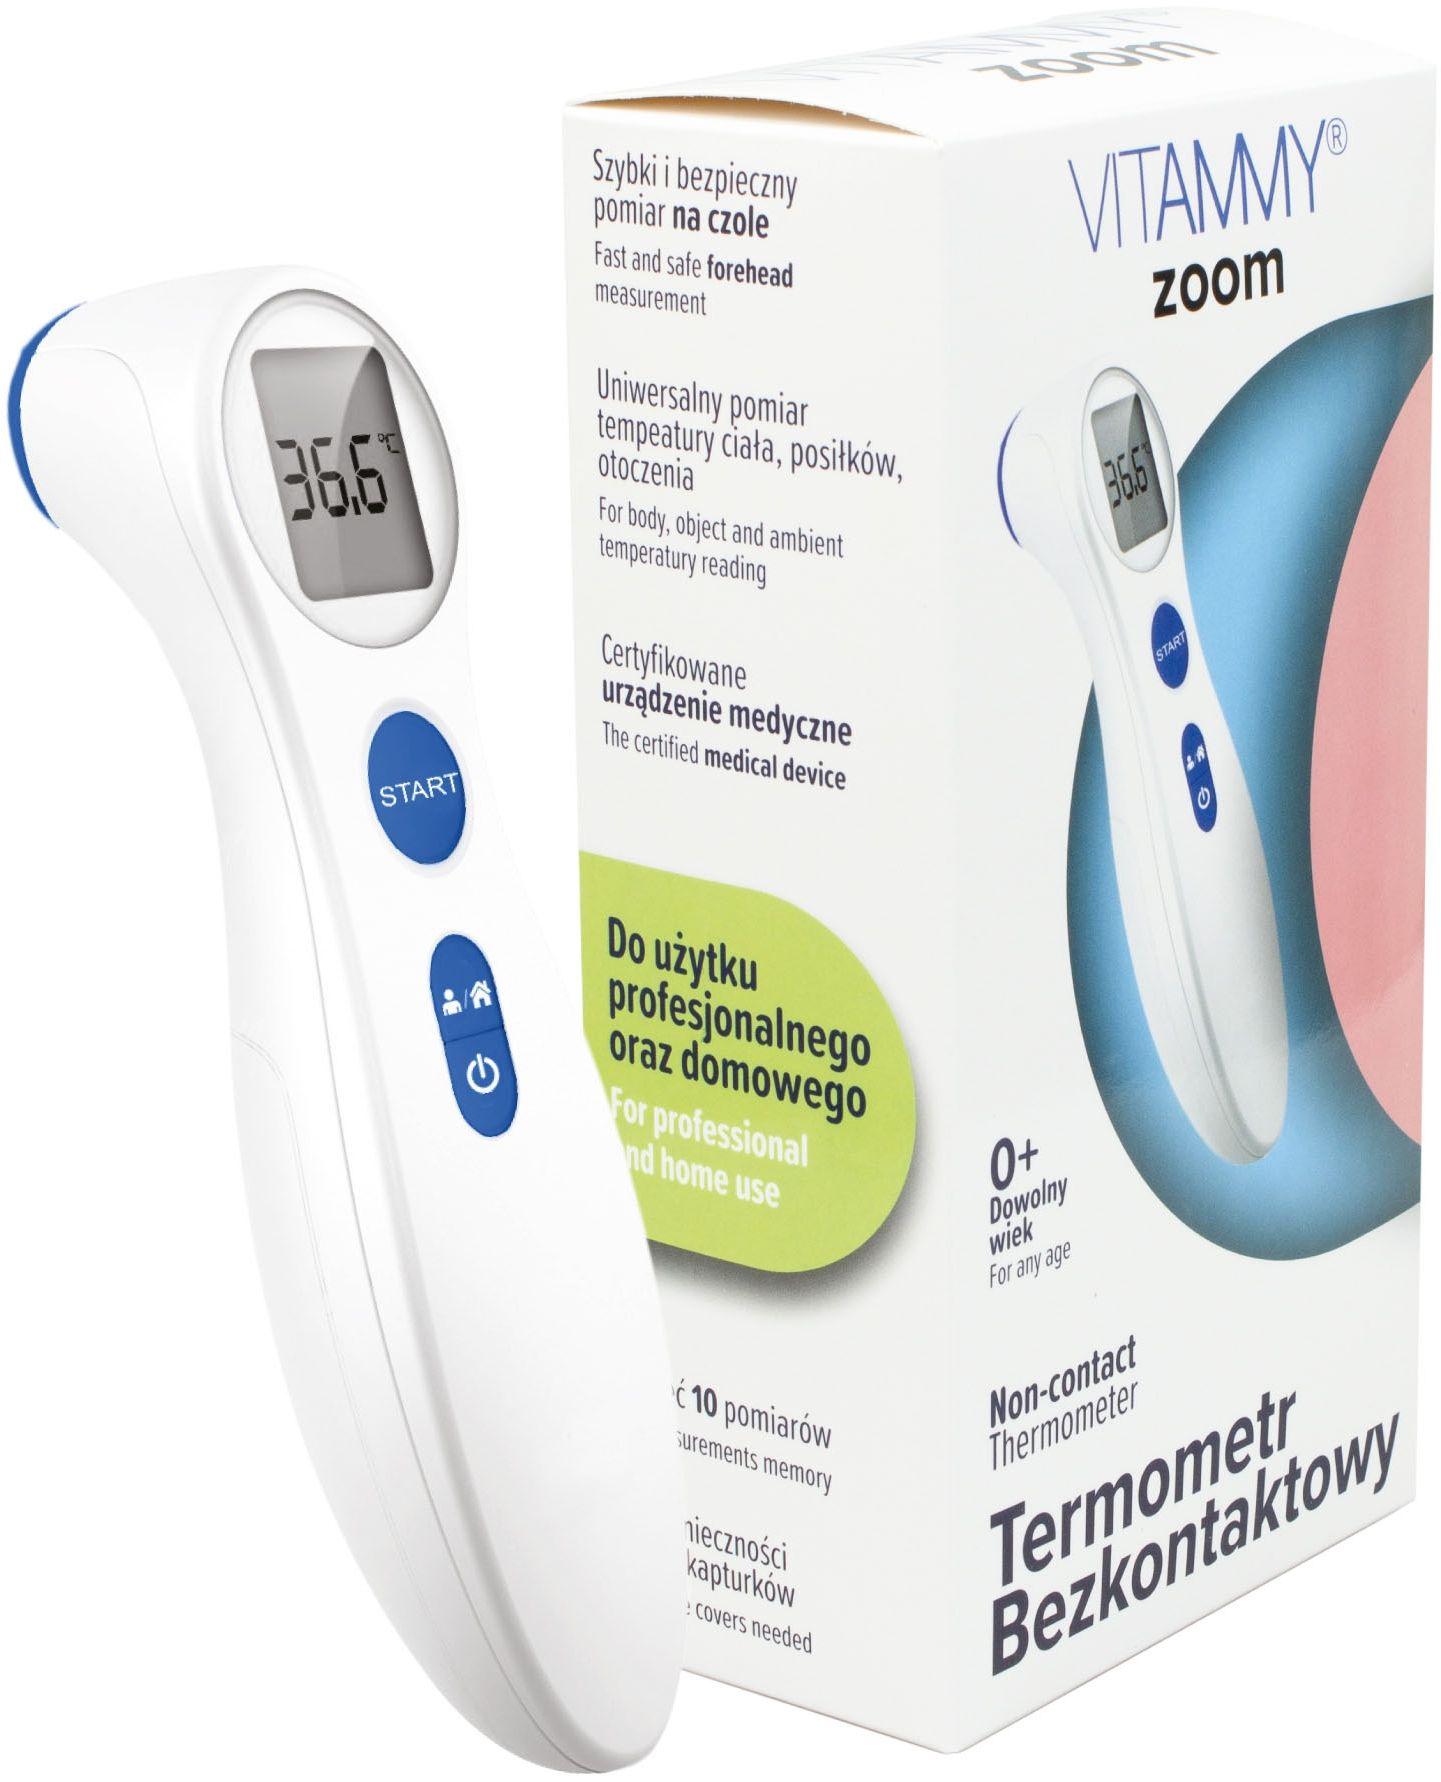 VITAMMY Zoom Elektroniczny Termometr Bezkontaktowy